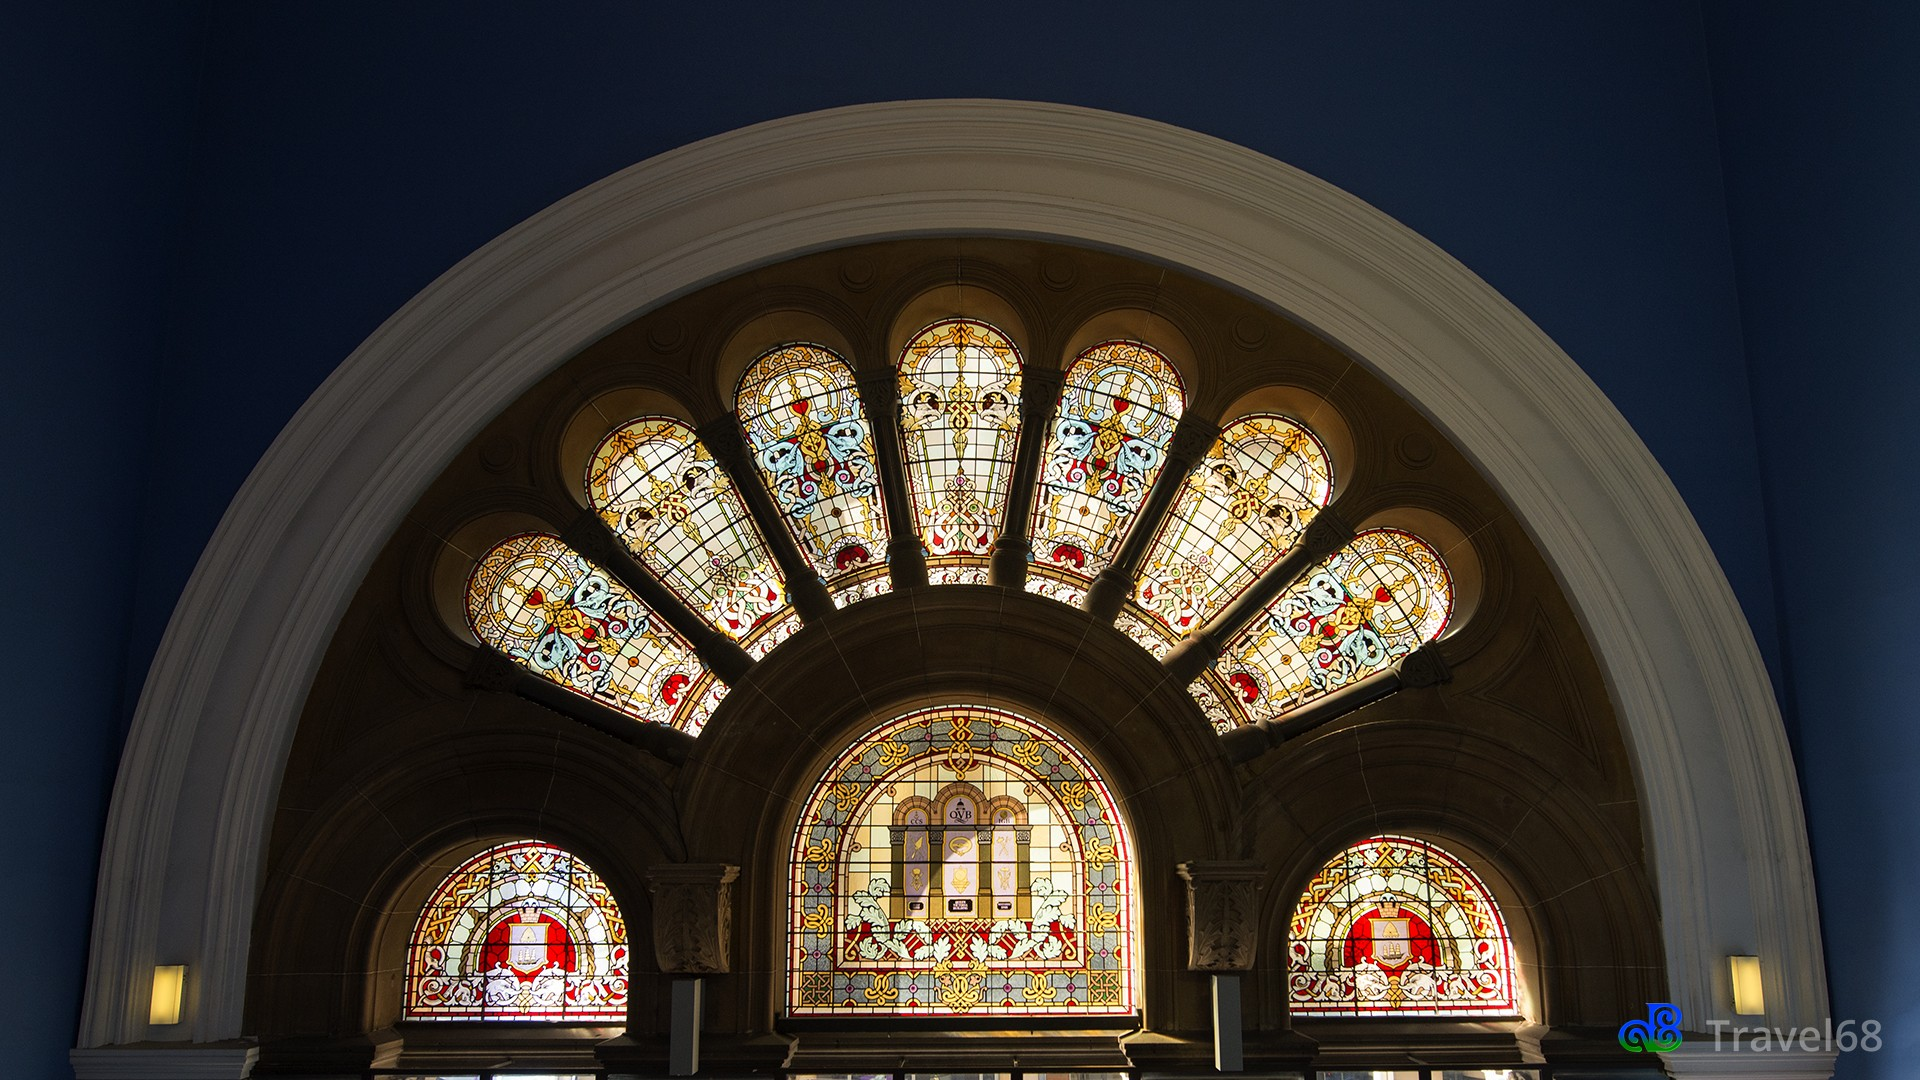 Raamparty in Queen Victoria Building